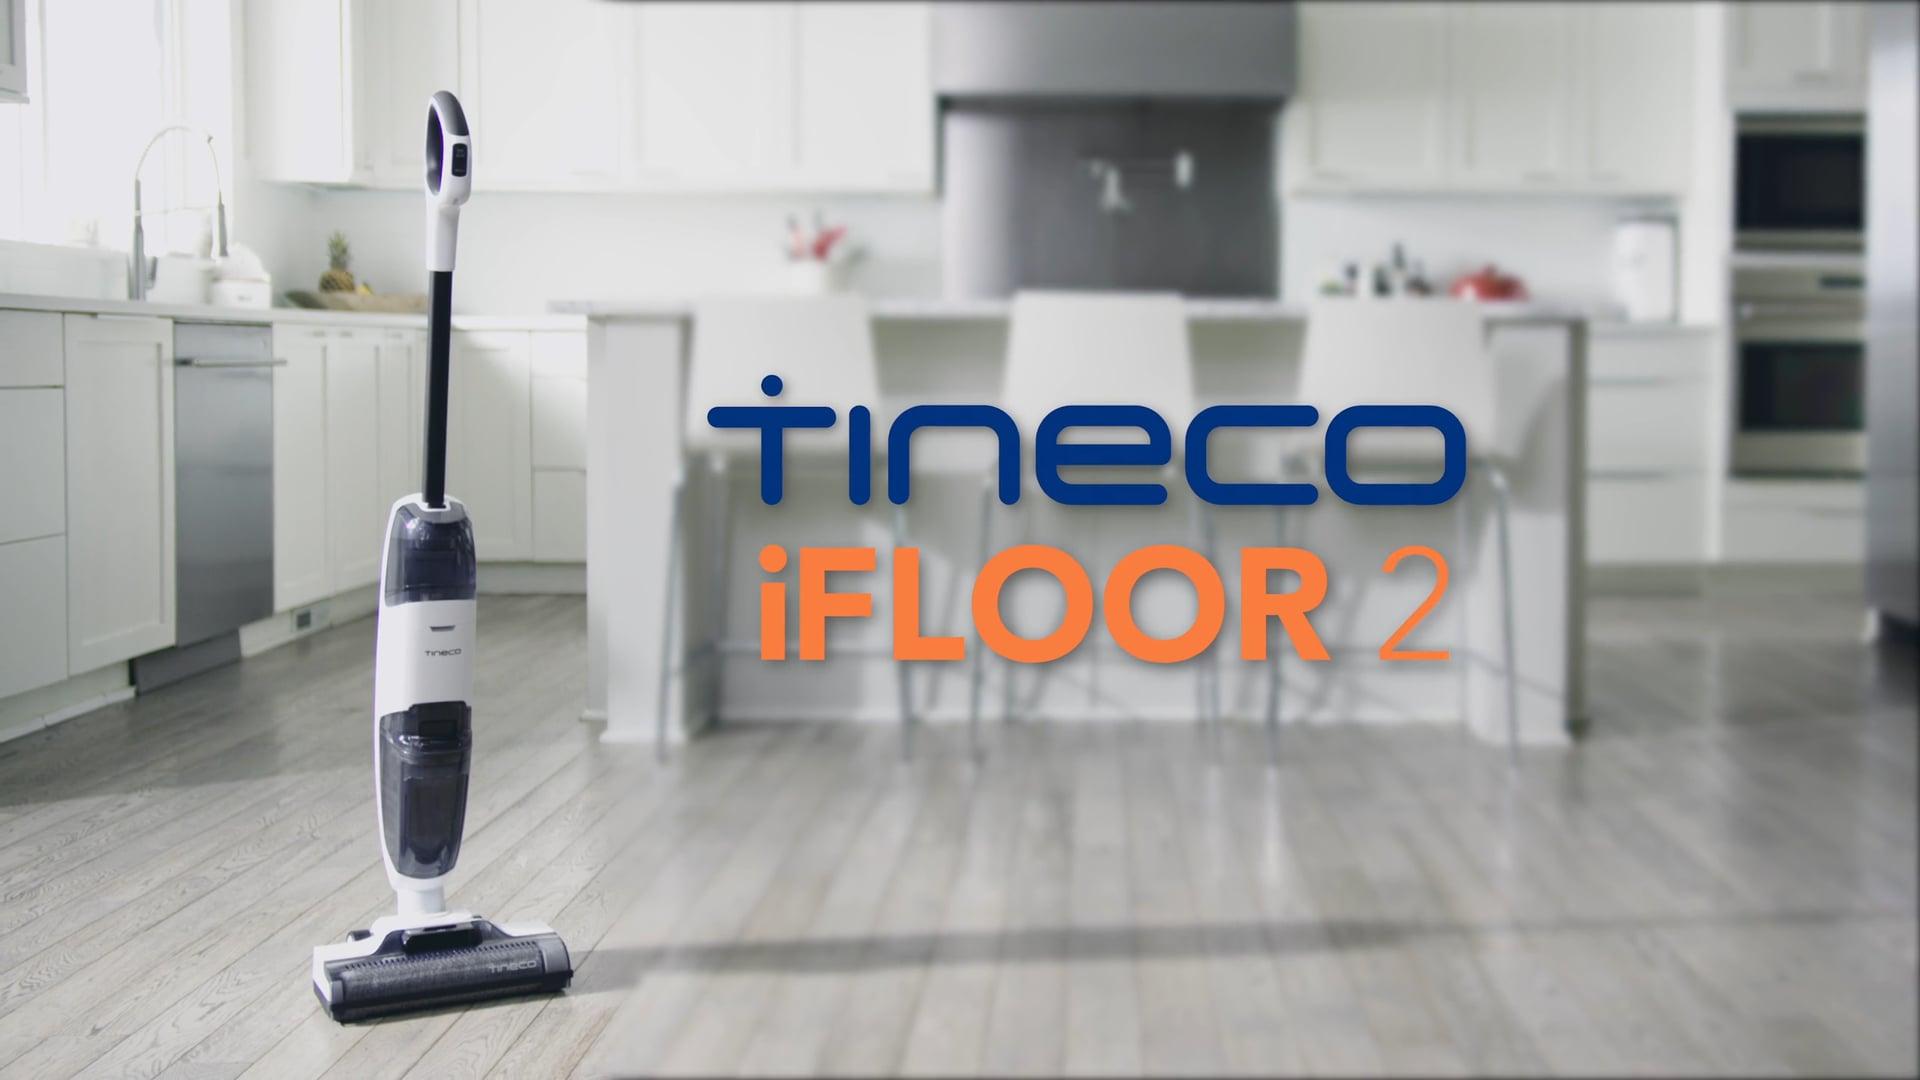 Tineco - iFLOOR 2 Commercial